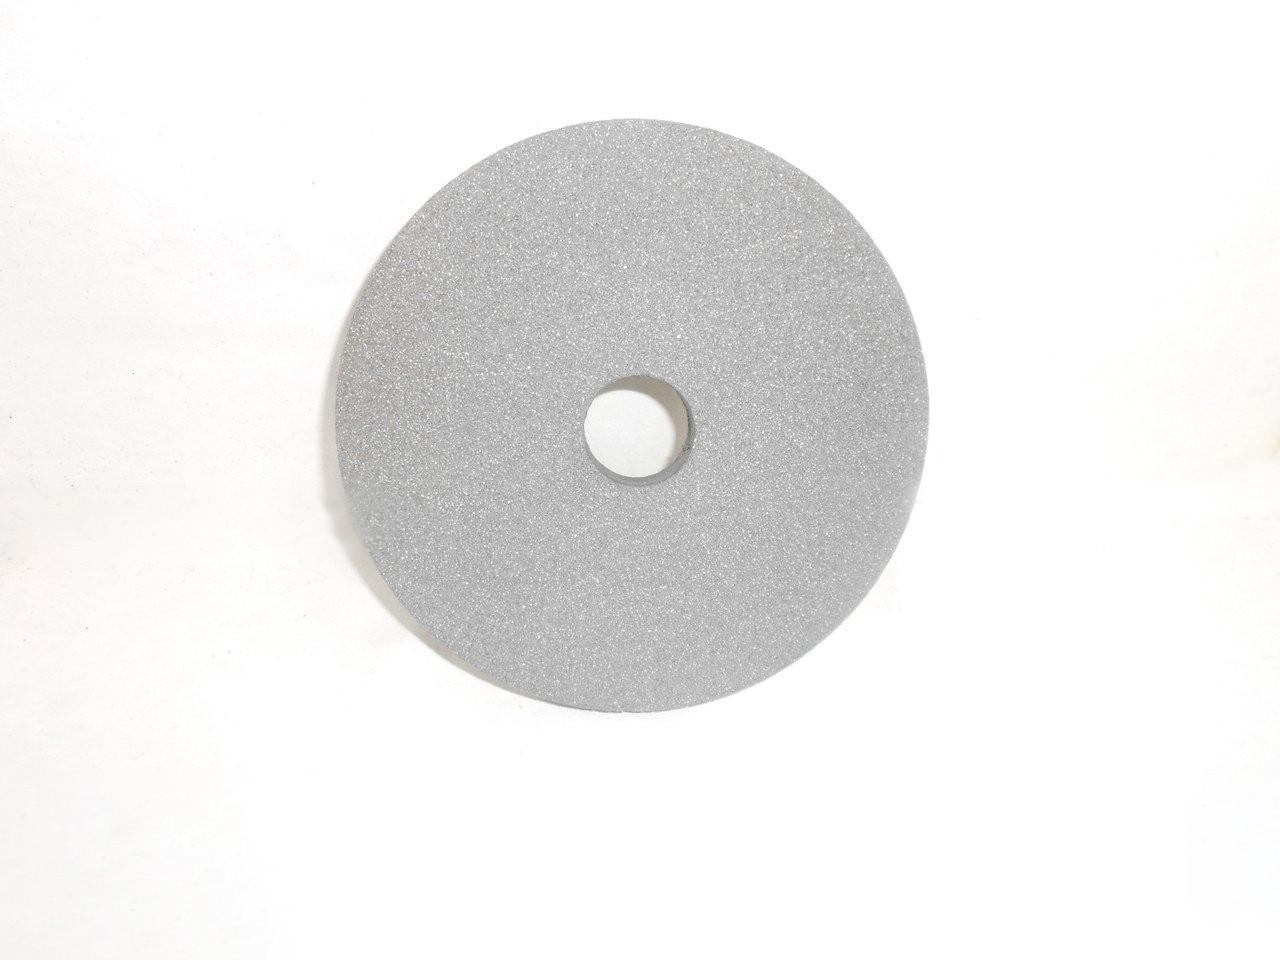 Круг шлифовальный 14А ПП 400х50х203  25 СТ